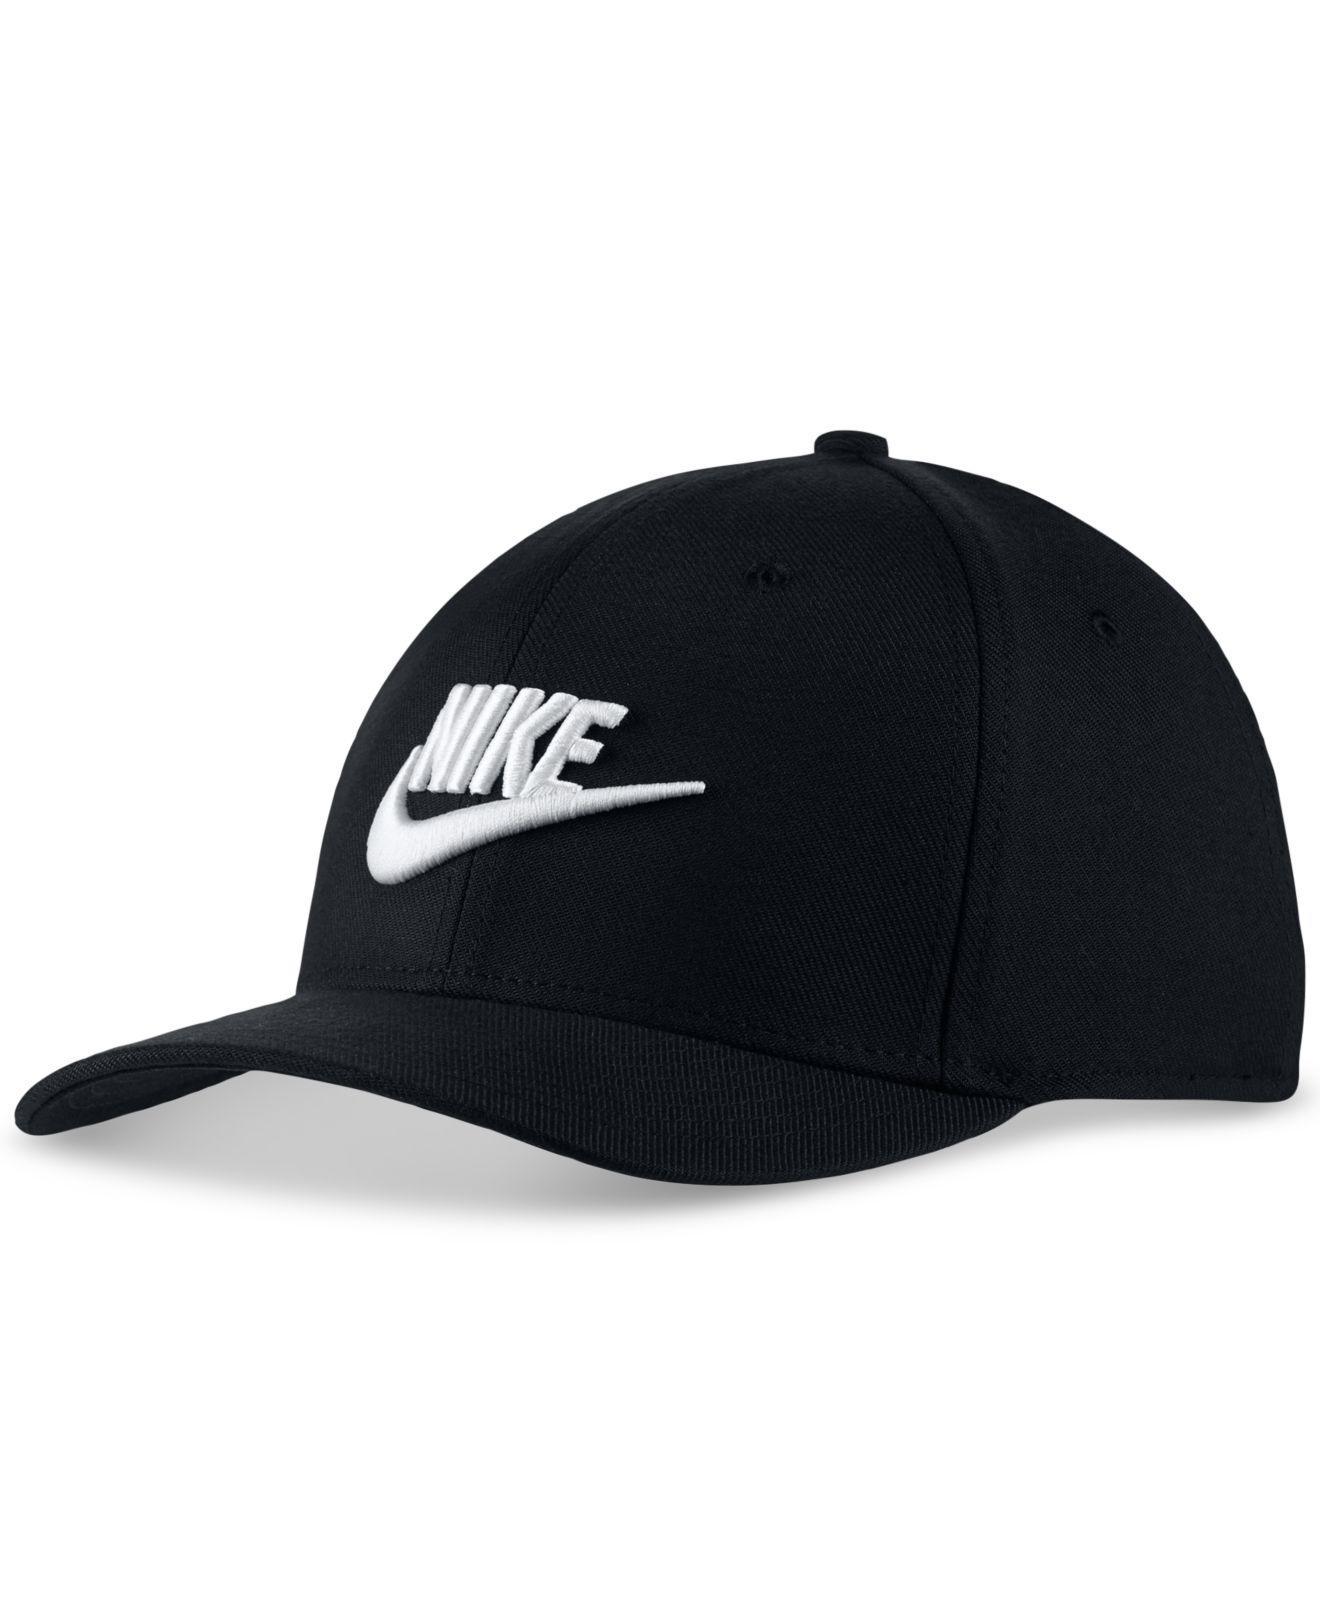 Lyst - Nike Sportswear Dri-fit Stretch Fit Hat in Black for Men e8f39e0d65d7